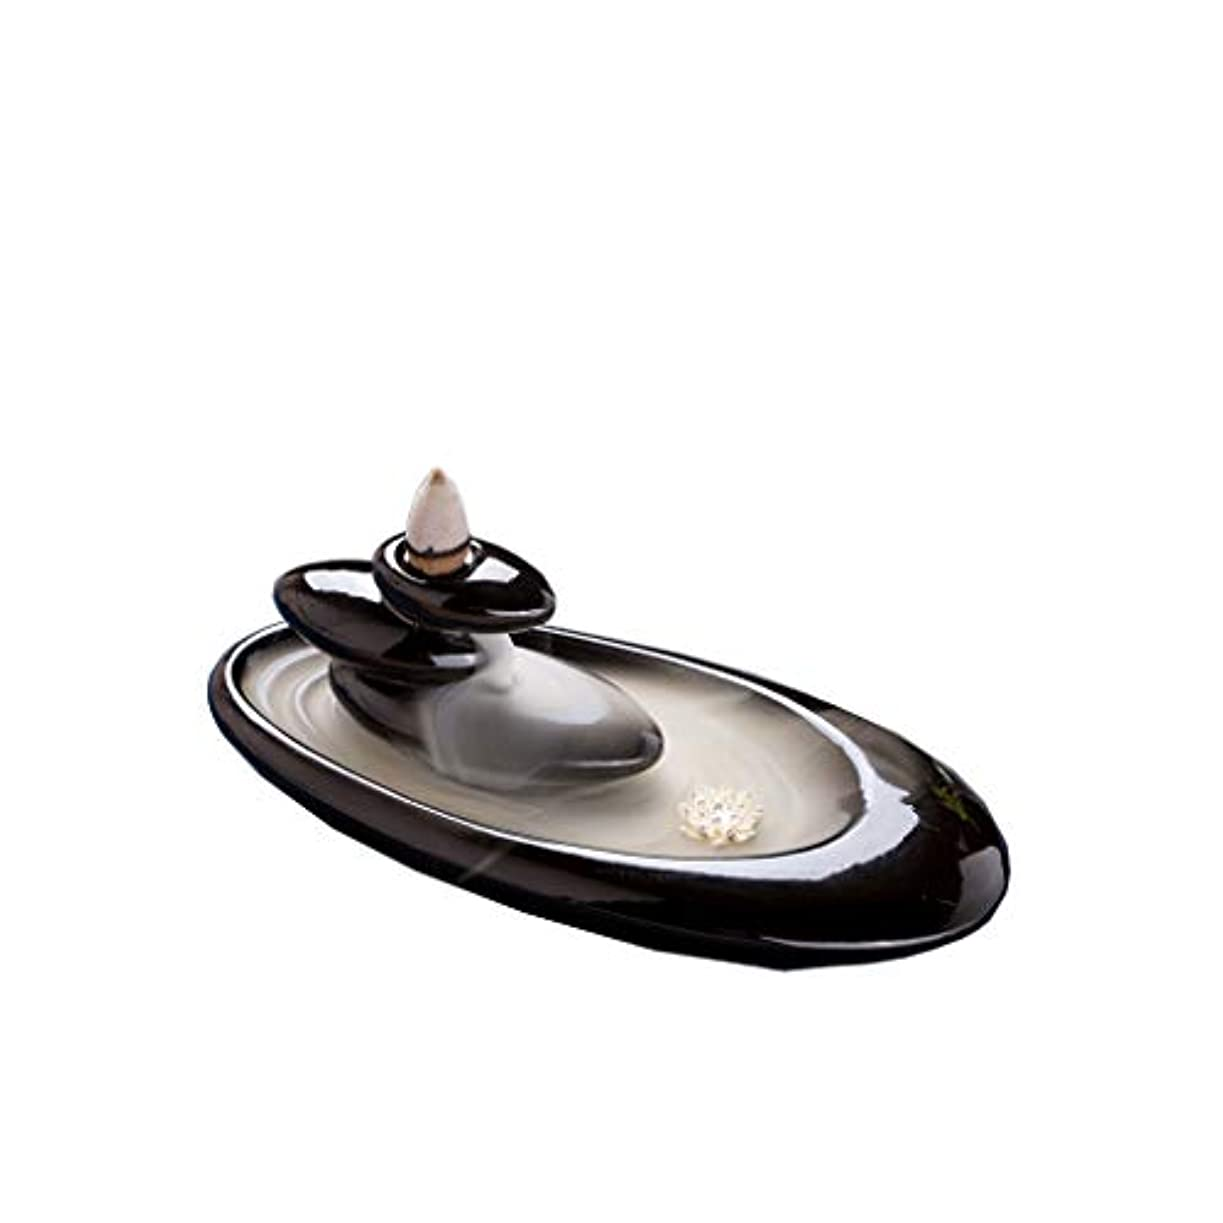 バット昆虫ハーフ芳香器?アロマバーナー クリエイティブセラミックリフロー香炉屋内家庭用リフロー香炉香炉の装飾 芳香器?アロマバーナー (Color : Black)